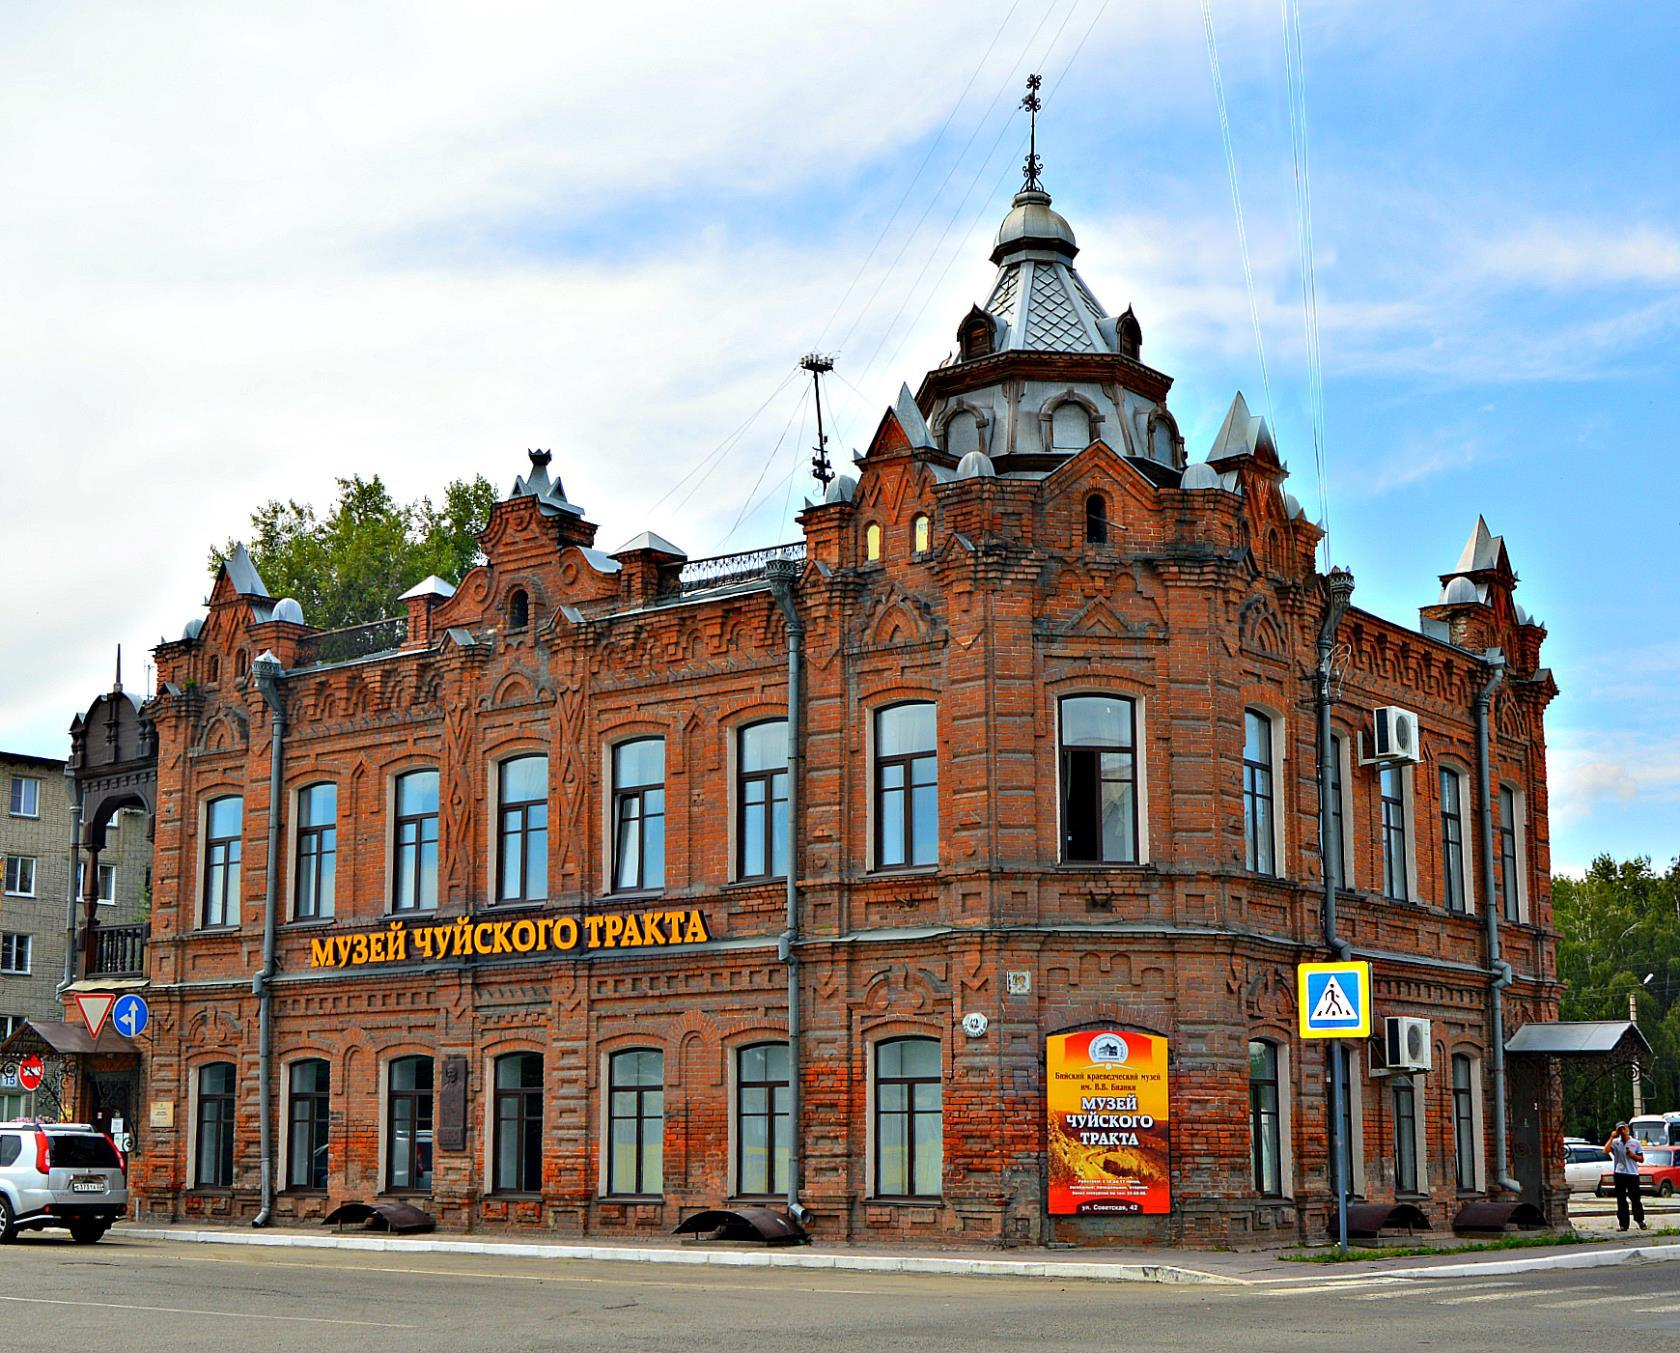 помощью картинка дом купца варвинского краеведческий музей счастья